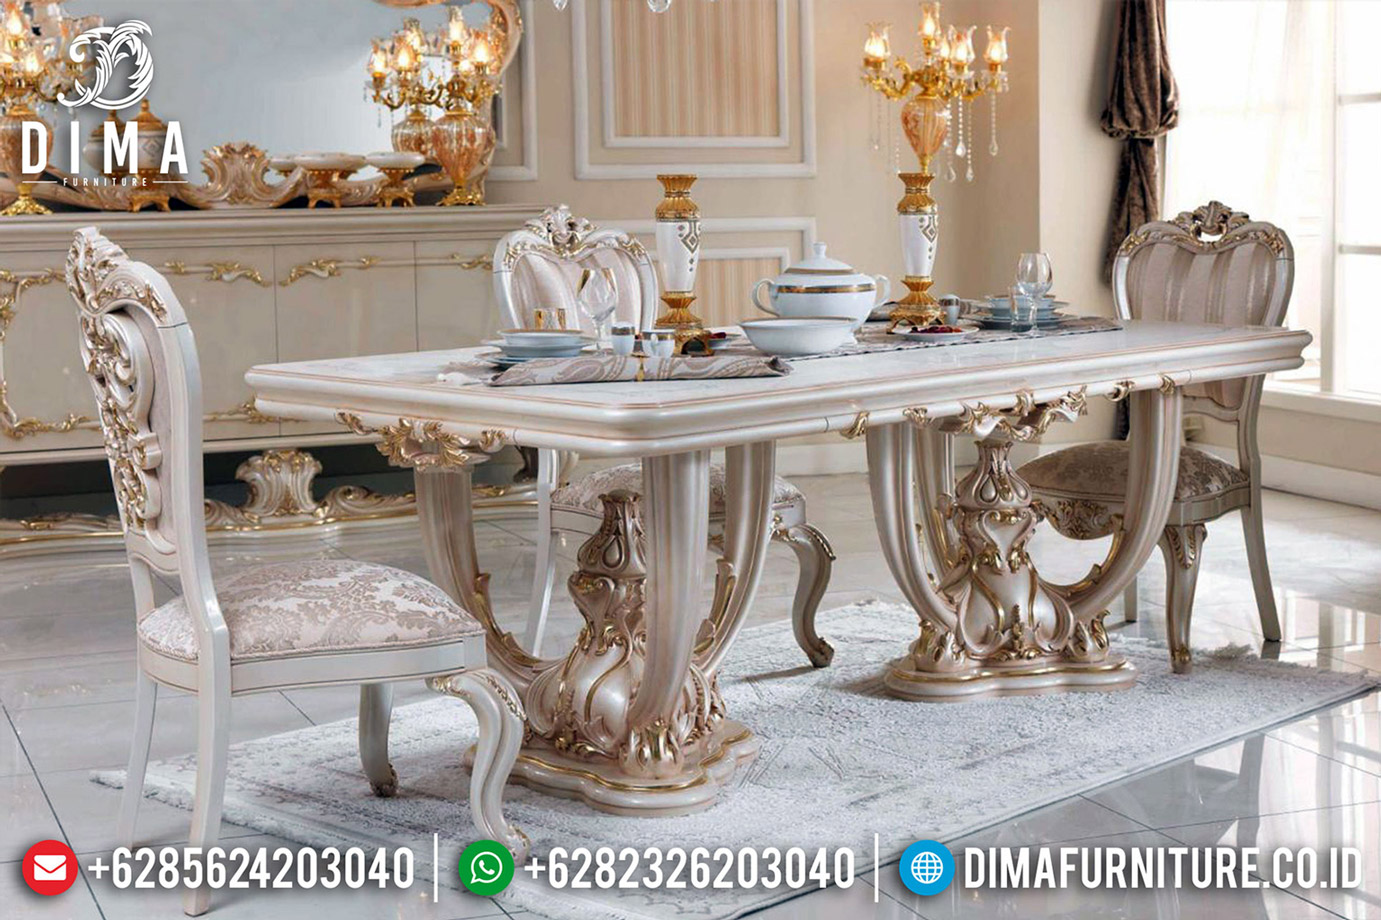 Gambar Meja Makan Mewah Ukiran Classic Luxury Jepara Terbaru BT-0527